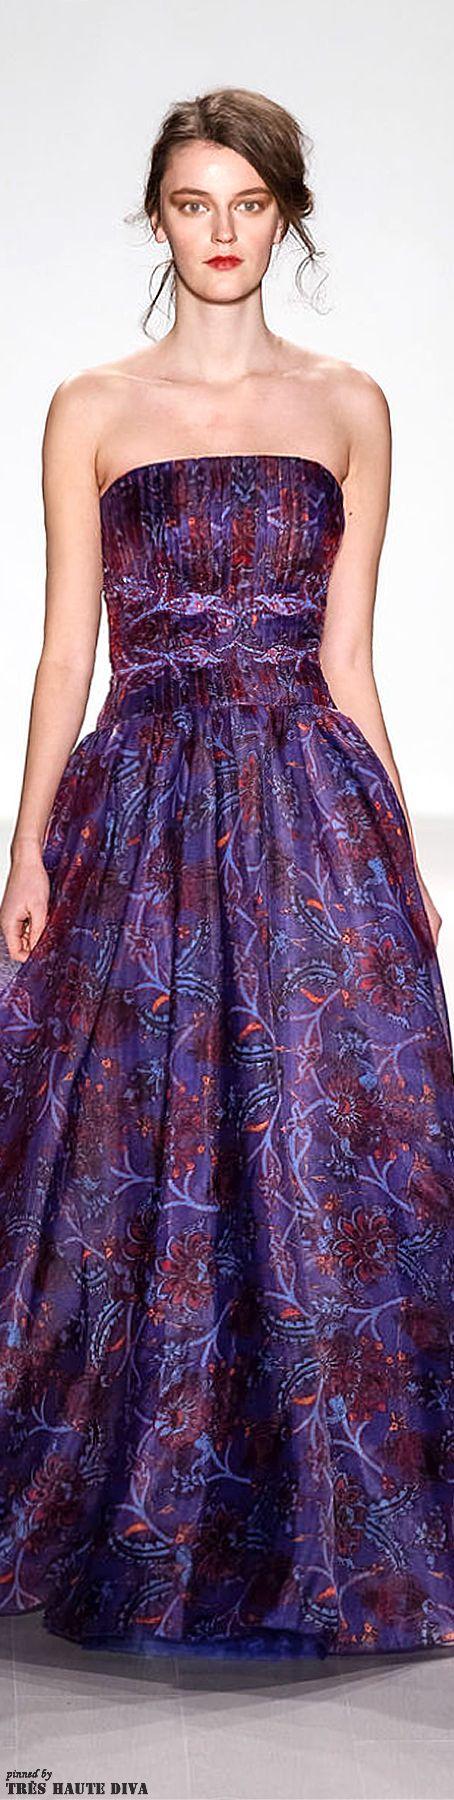 531 best Soirée Dresses (2) images on Pinterest | Sherri hill ...